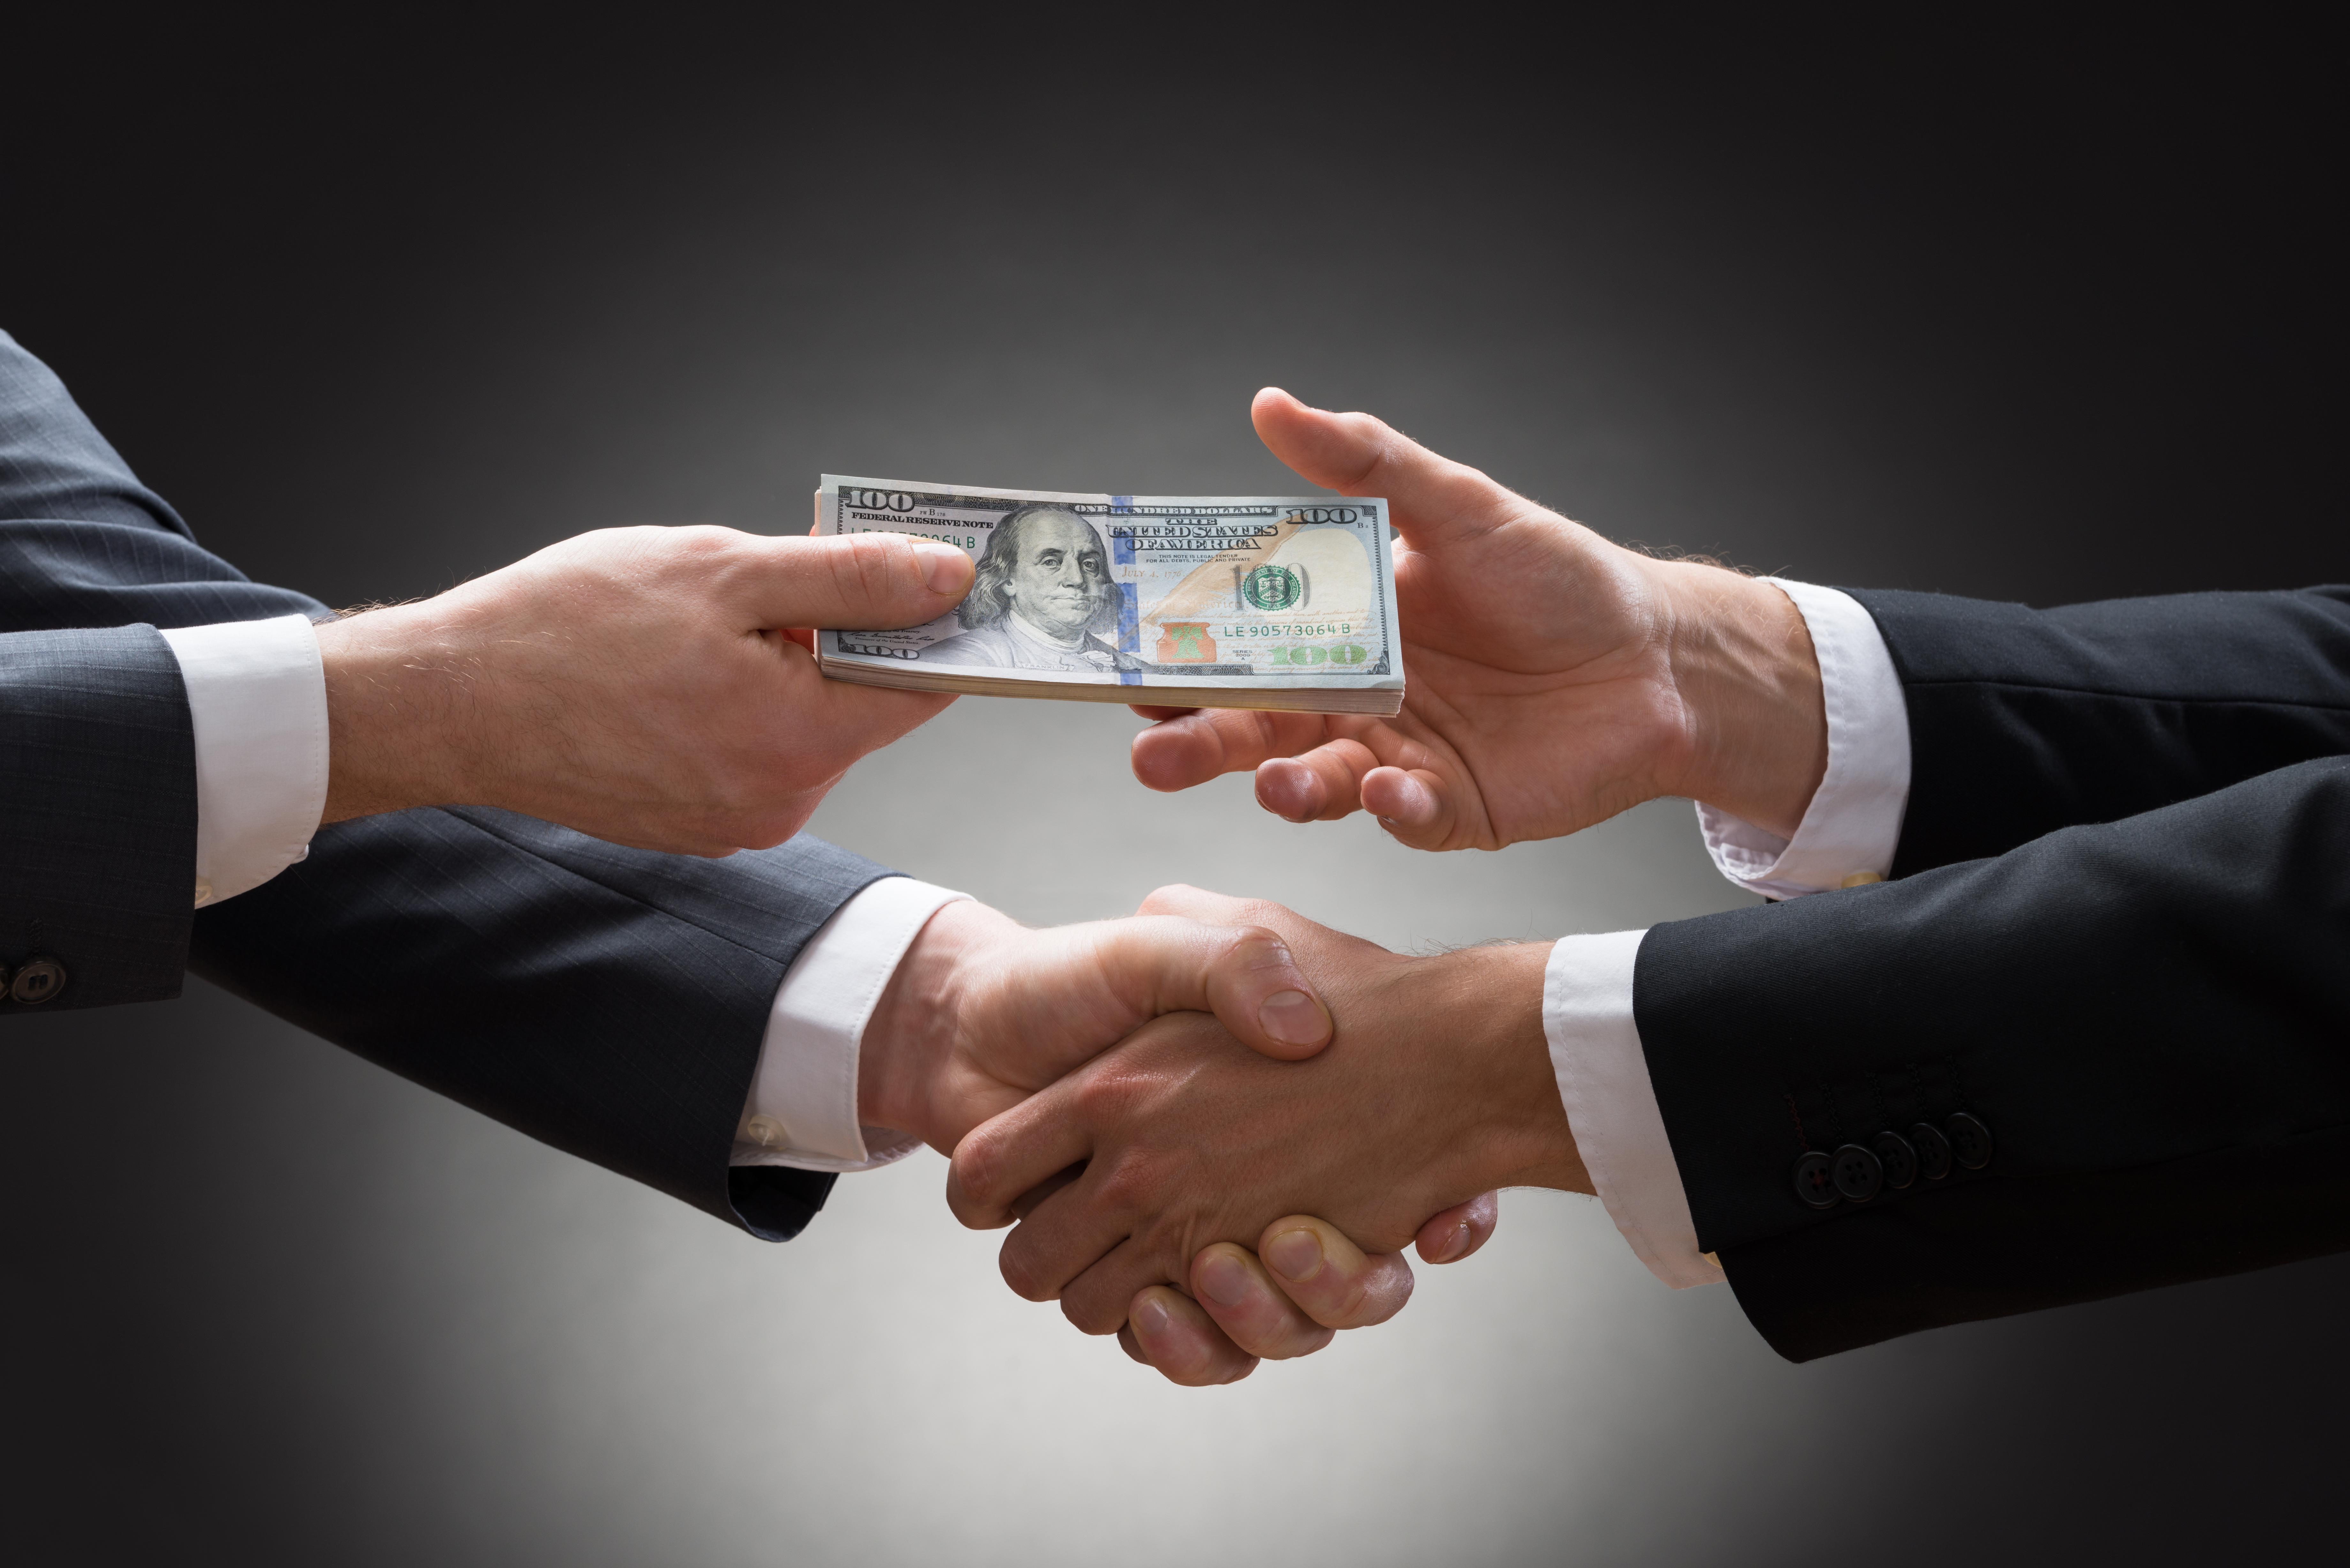 Business men shaking hands and handing over money.